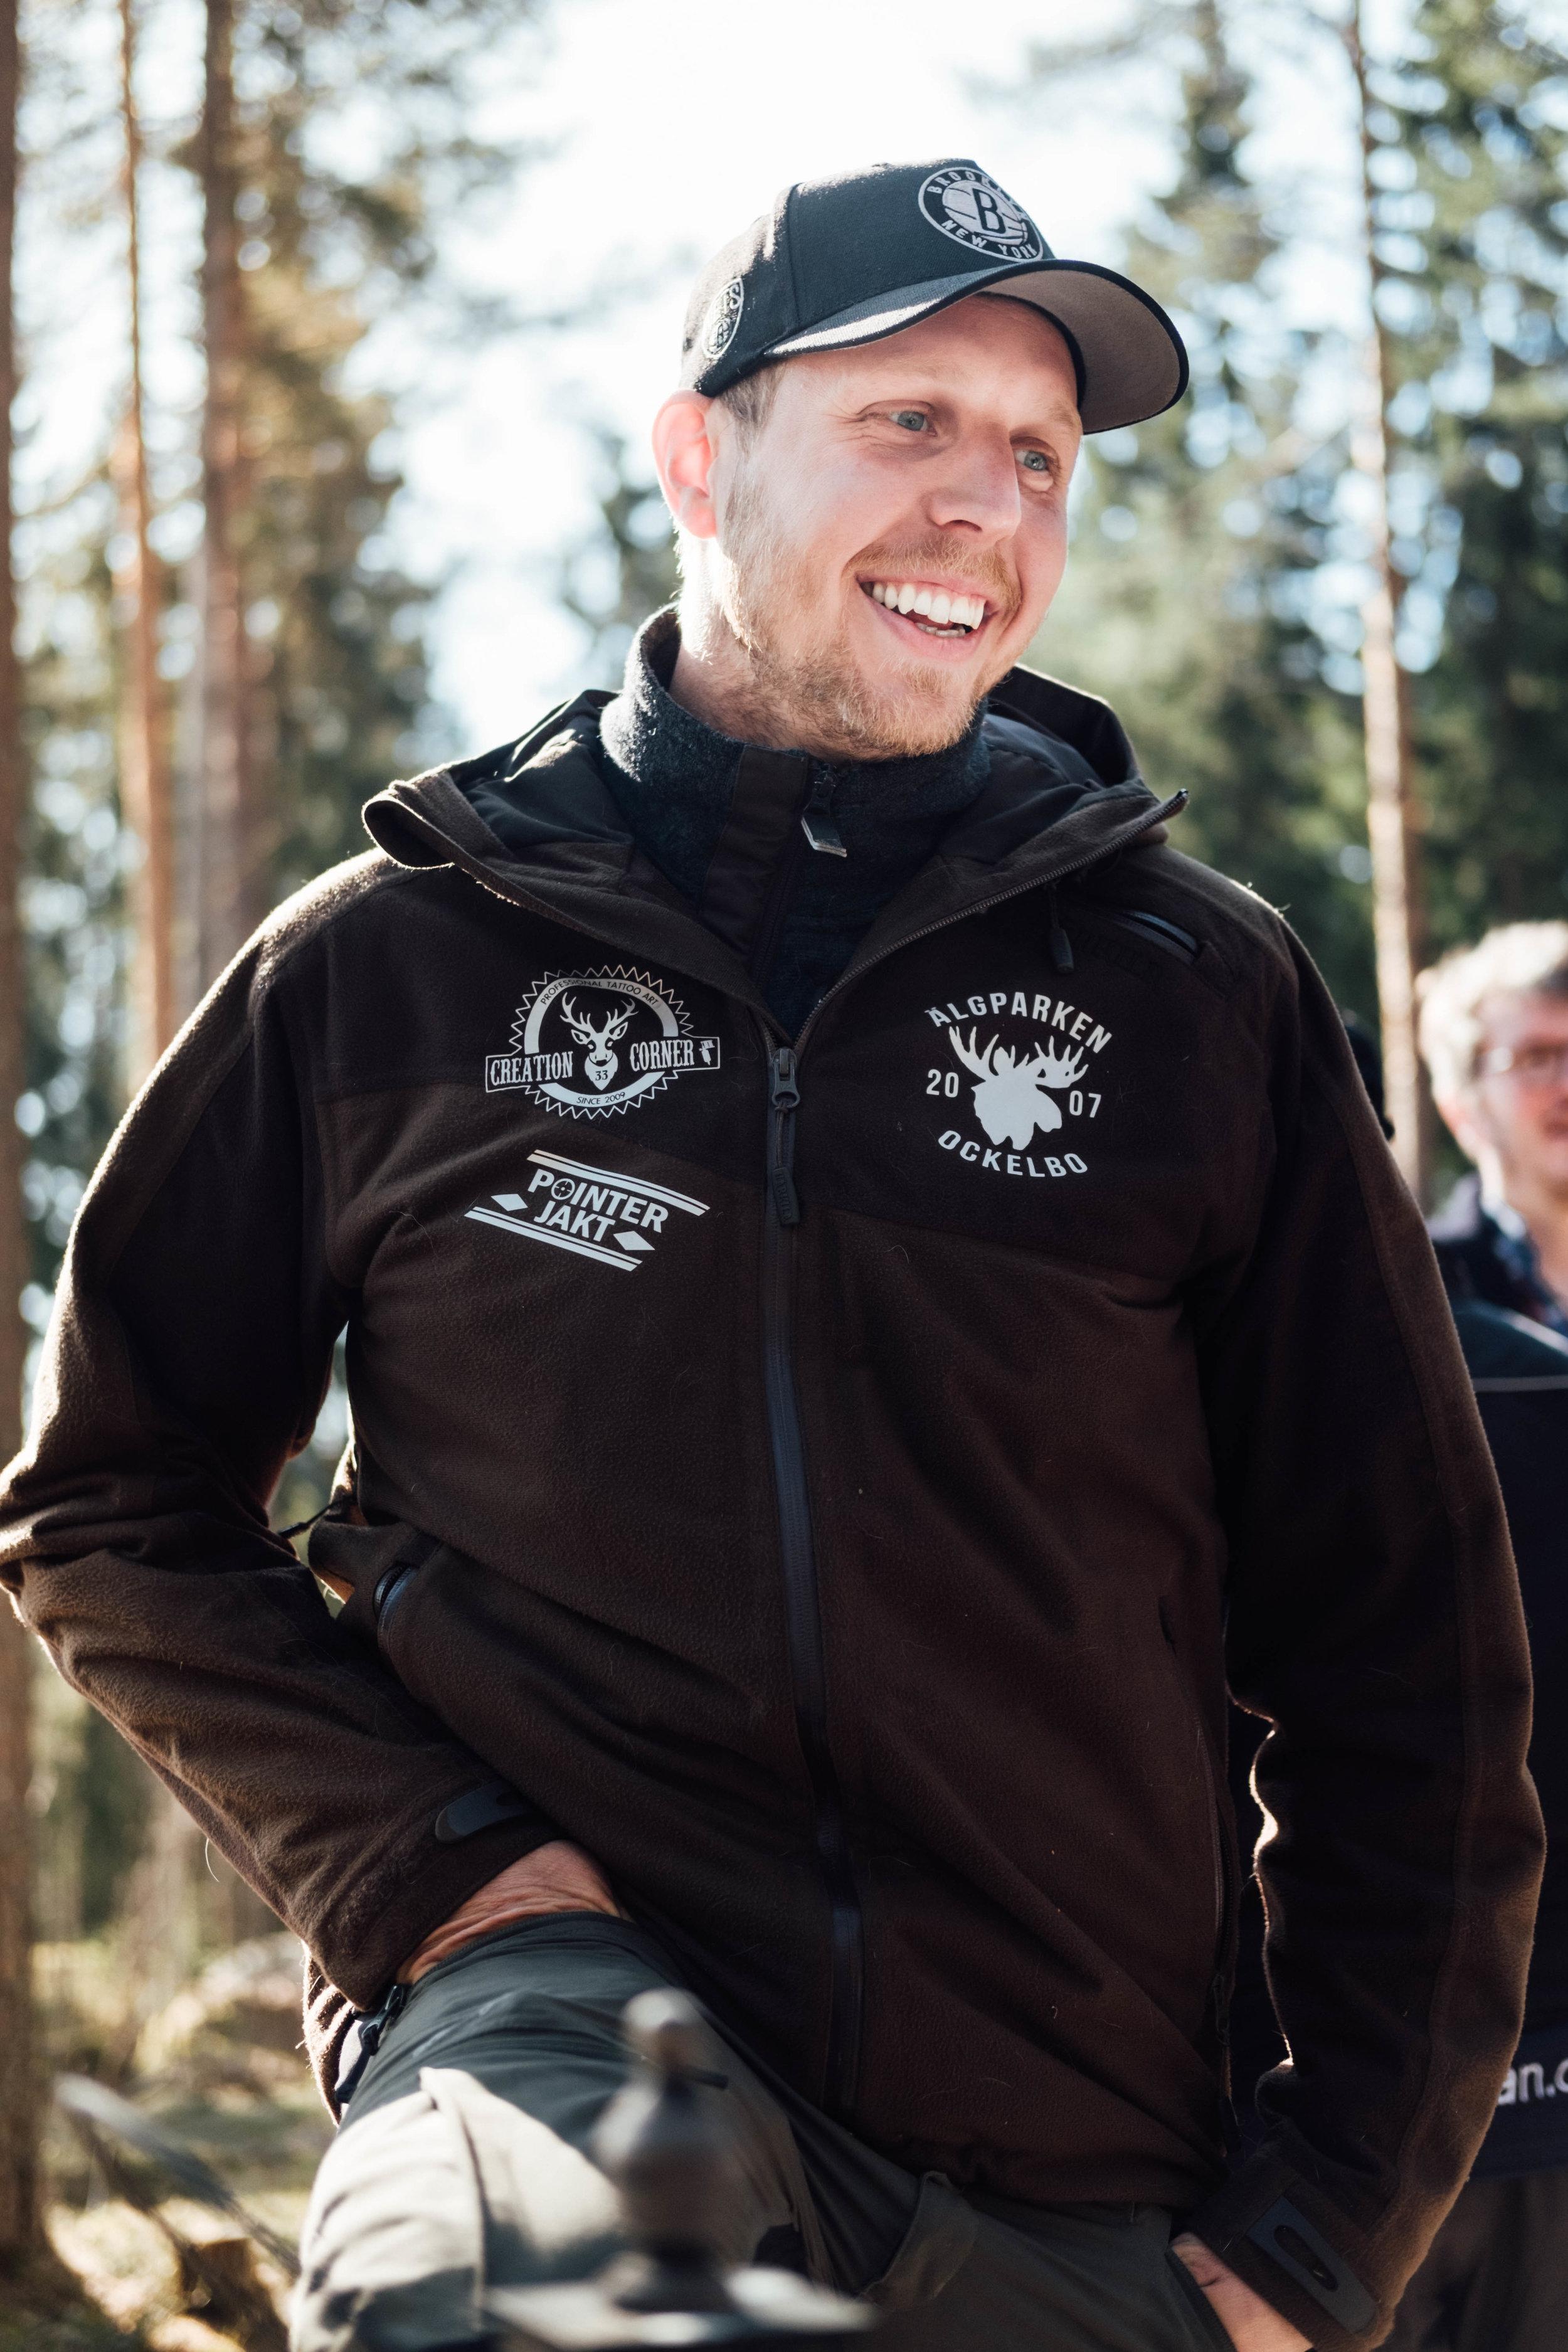 Petter Arkesjö, Älgparken i Ockelbo. FOTO: Mattias Färnstrand, Kuxagruppen AB